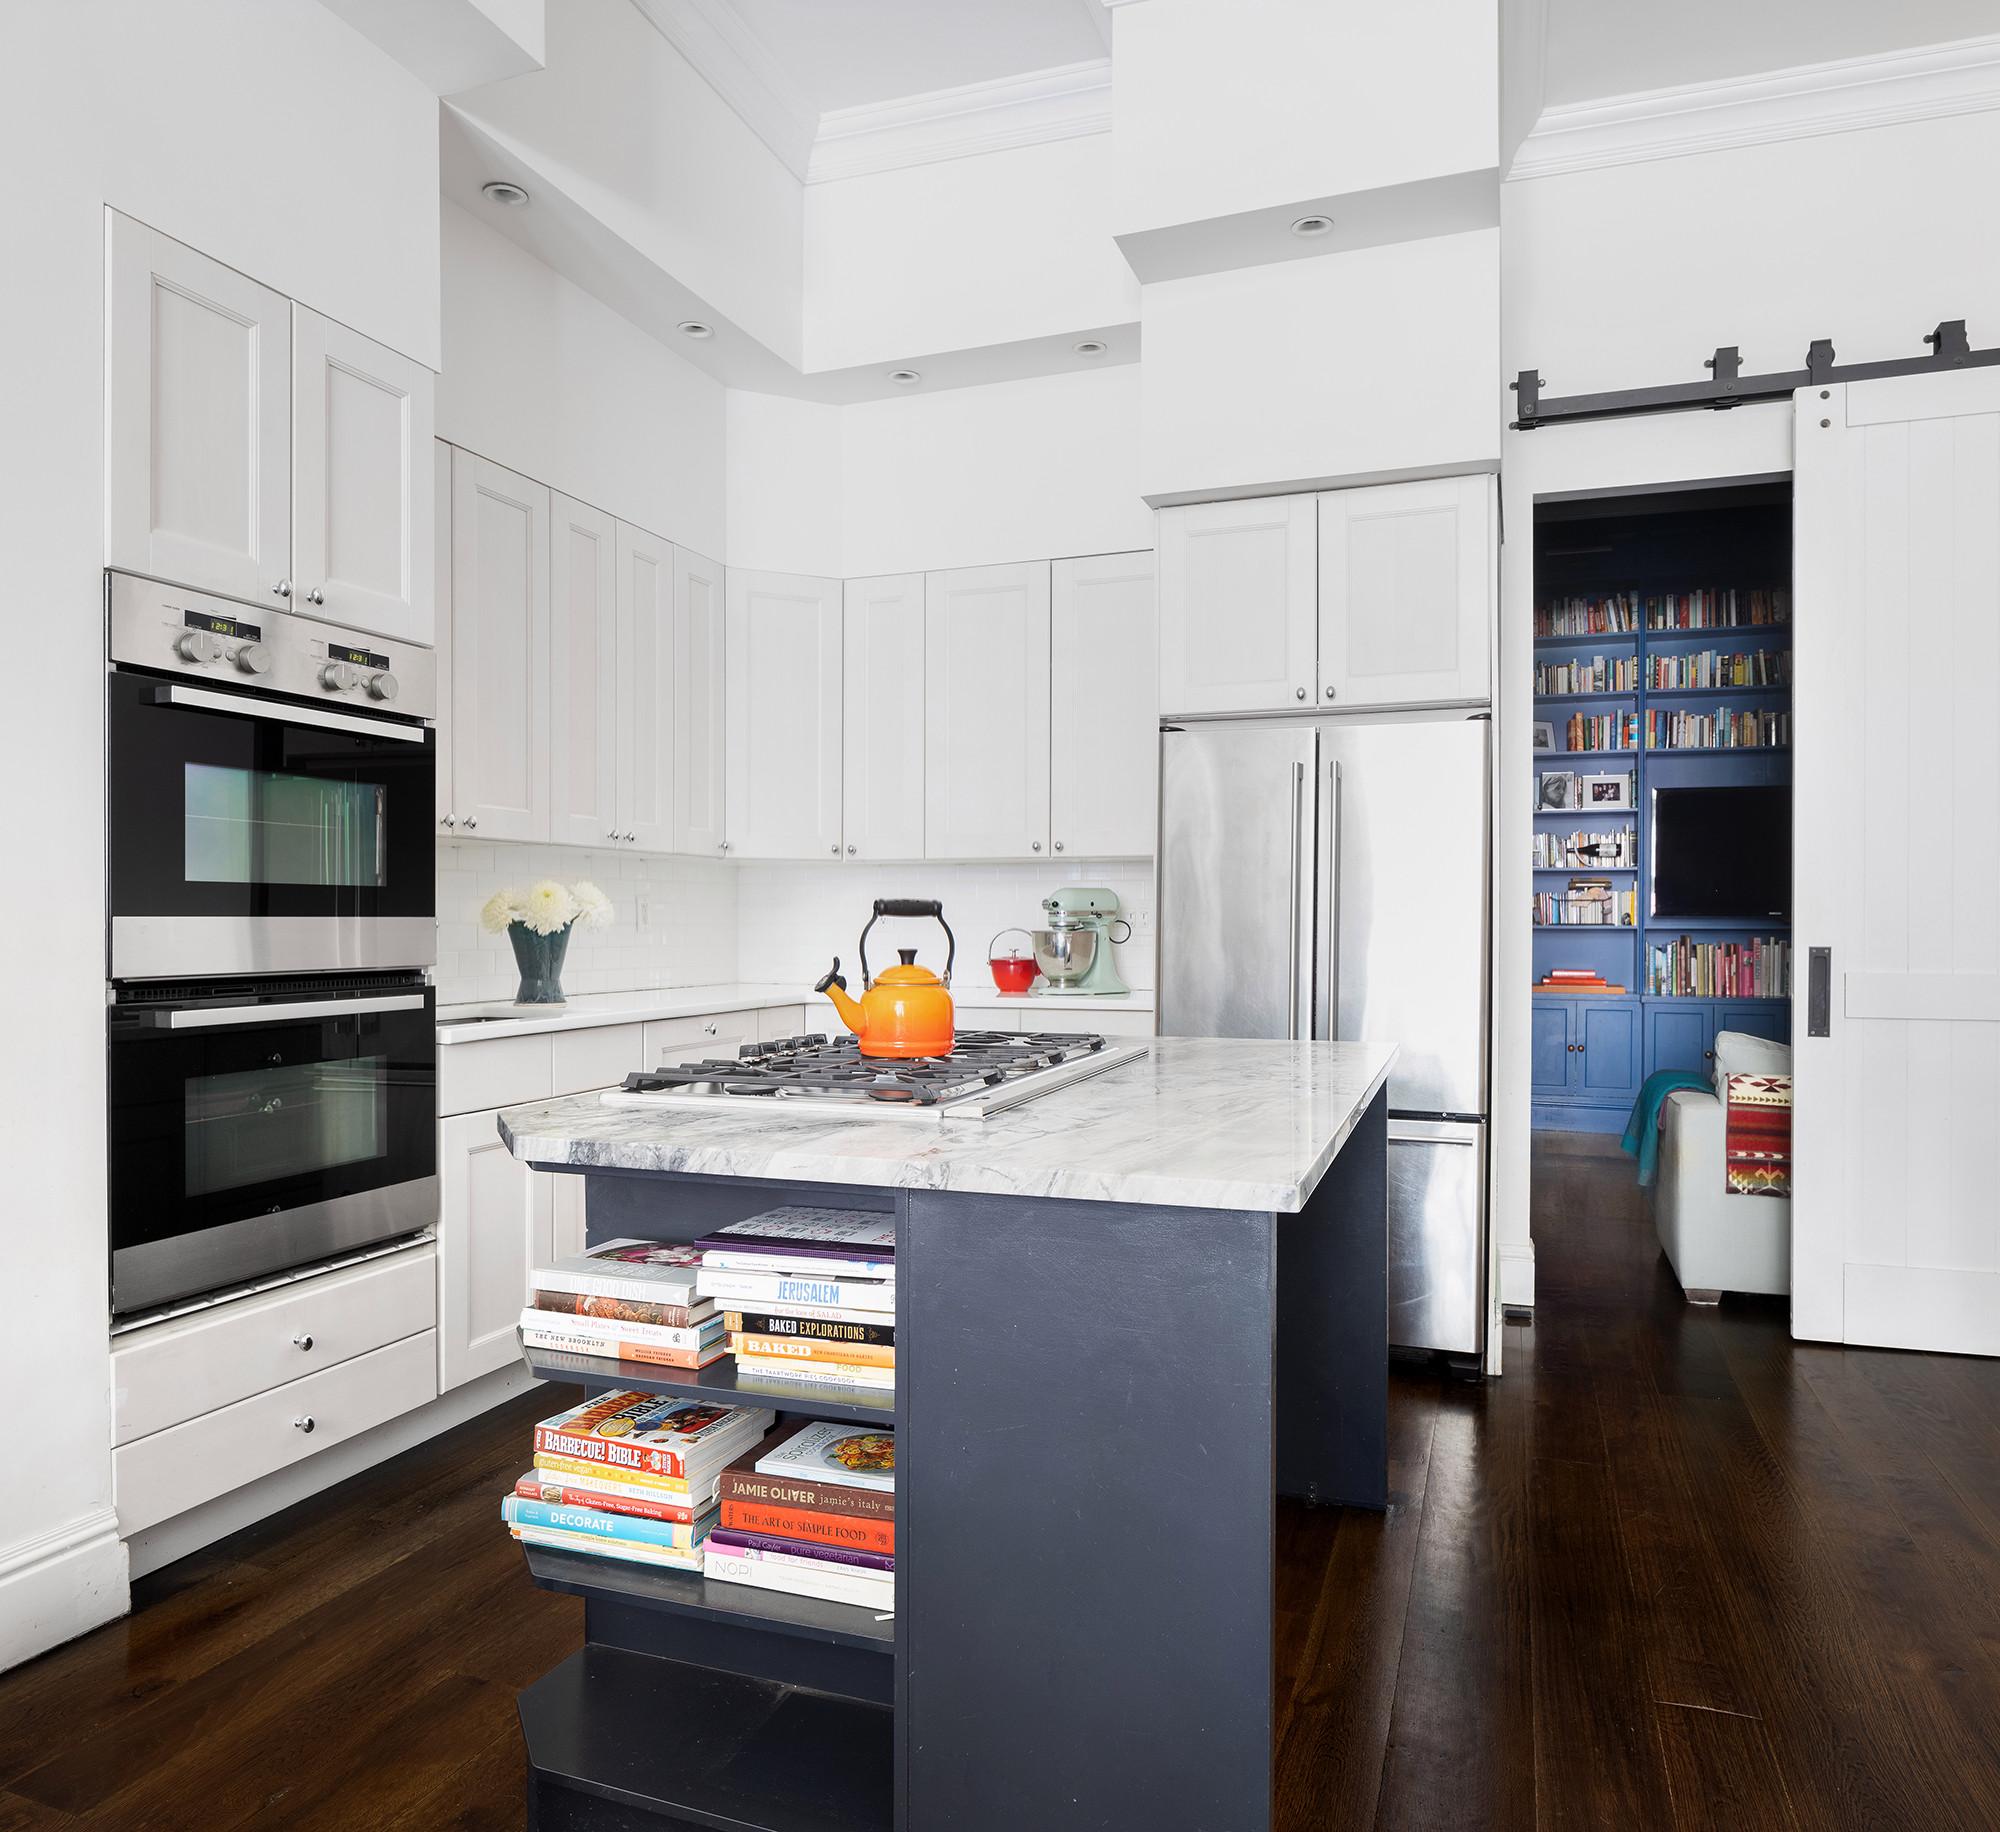 A la venta el apartamento de Notorious B.I.G. en Brooklyn por 1.7M